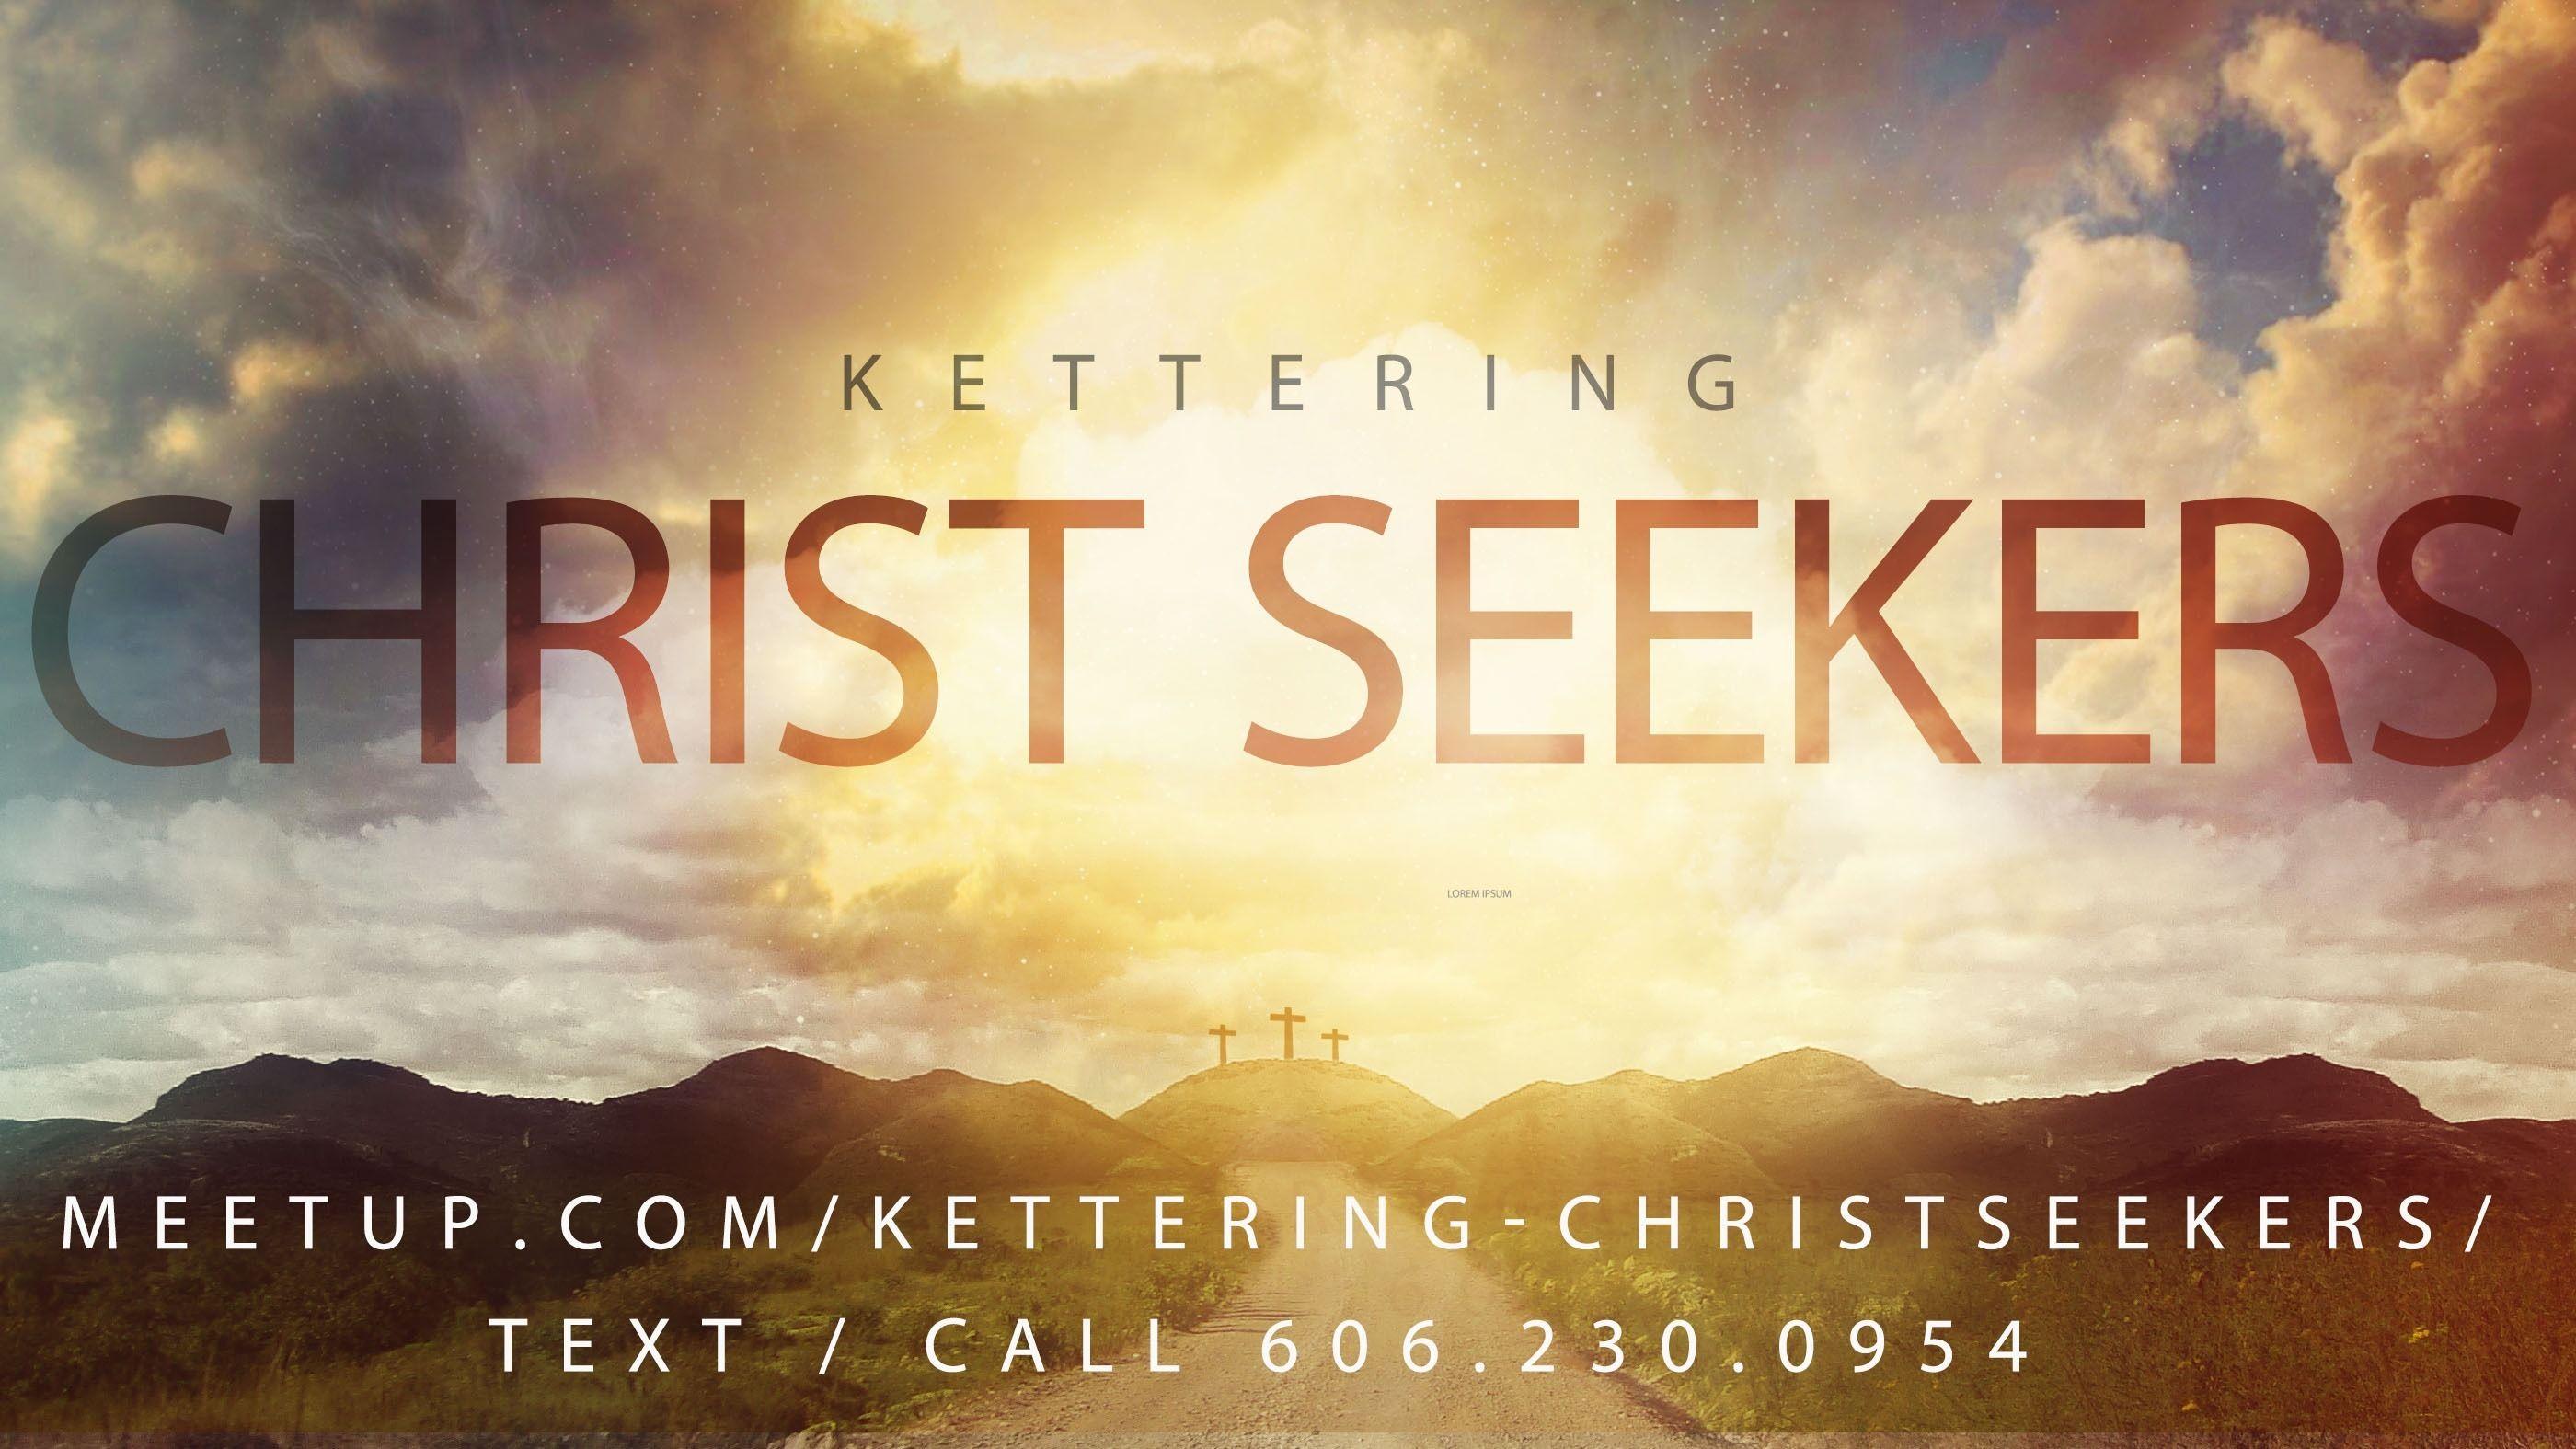 Kettering Christseekers